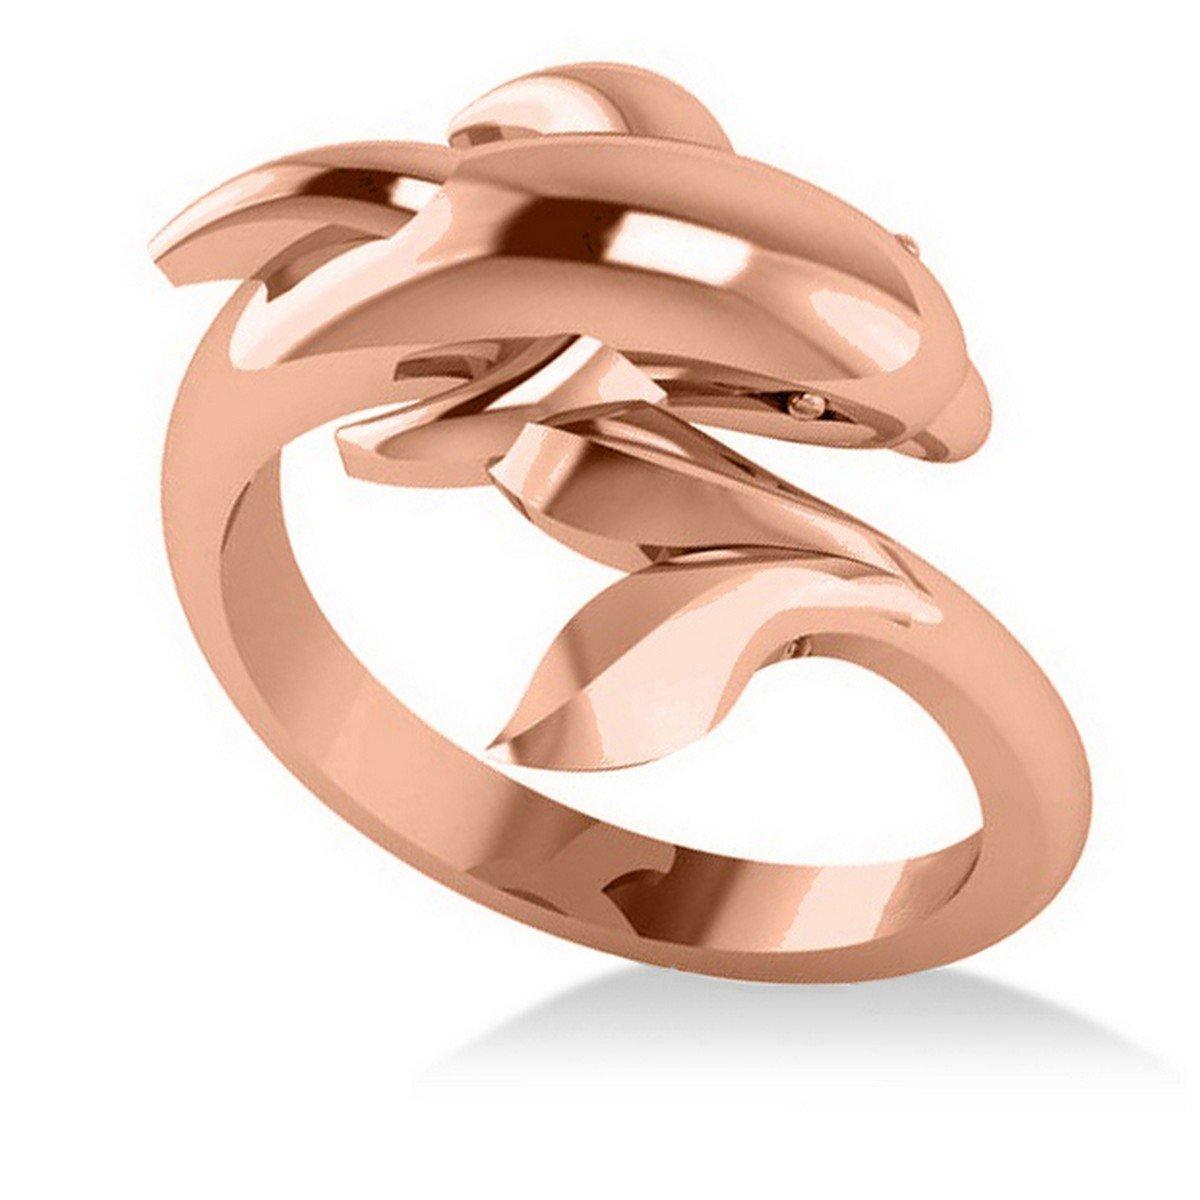 Allurez Summertime Dolphin Fashion Ring 14k Rose Gold